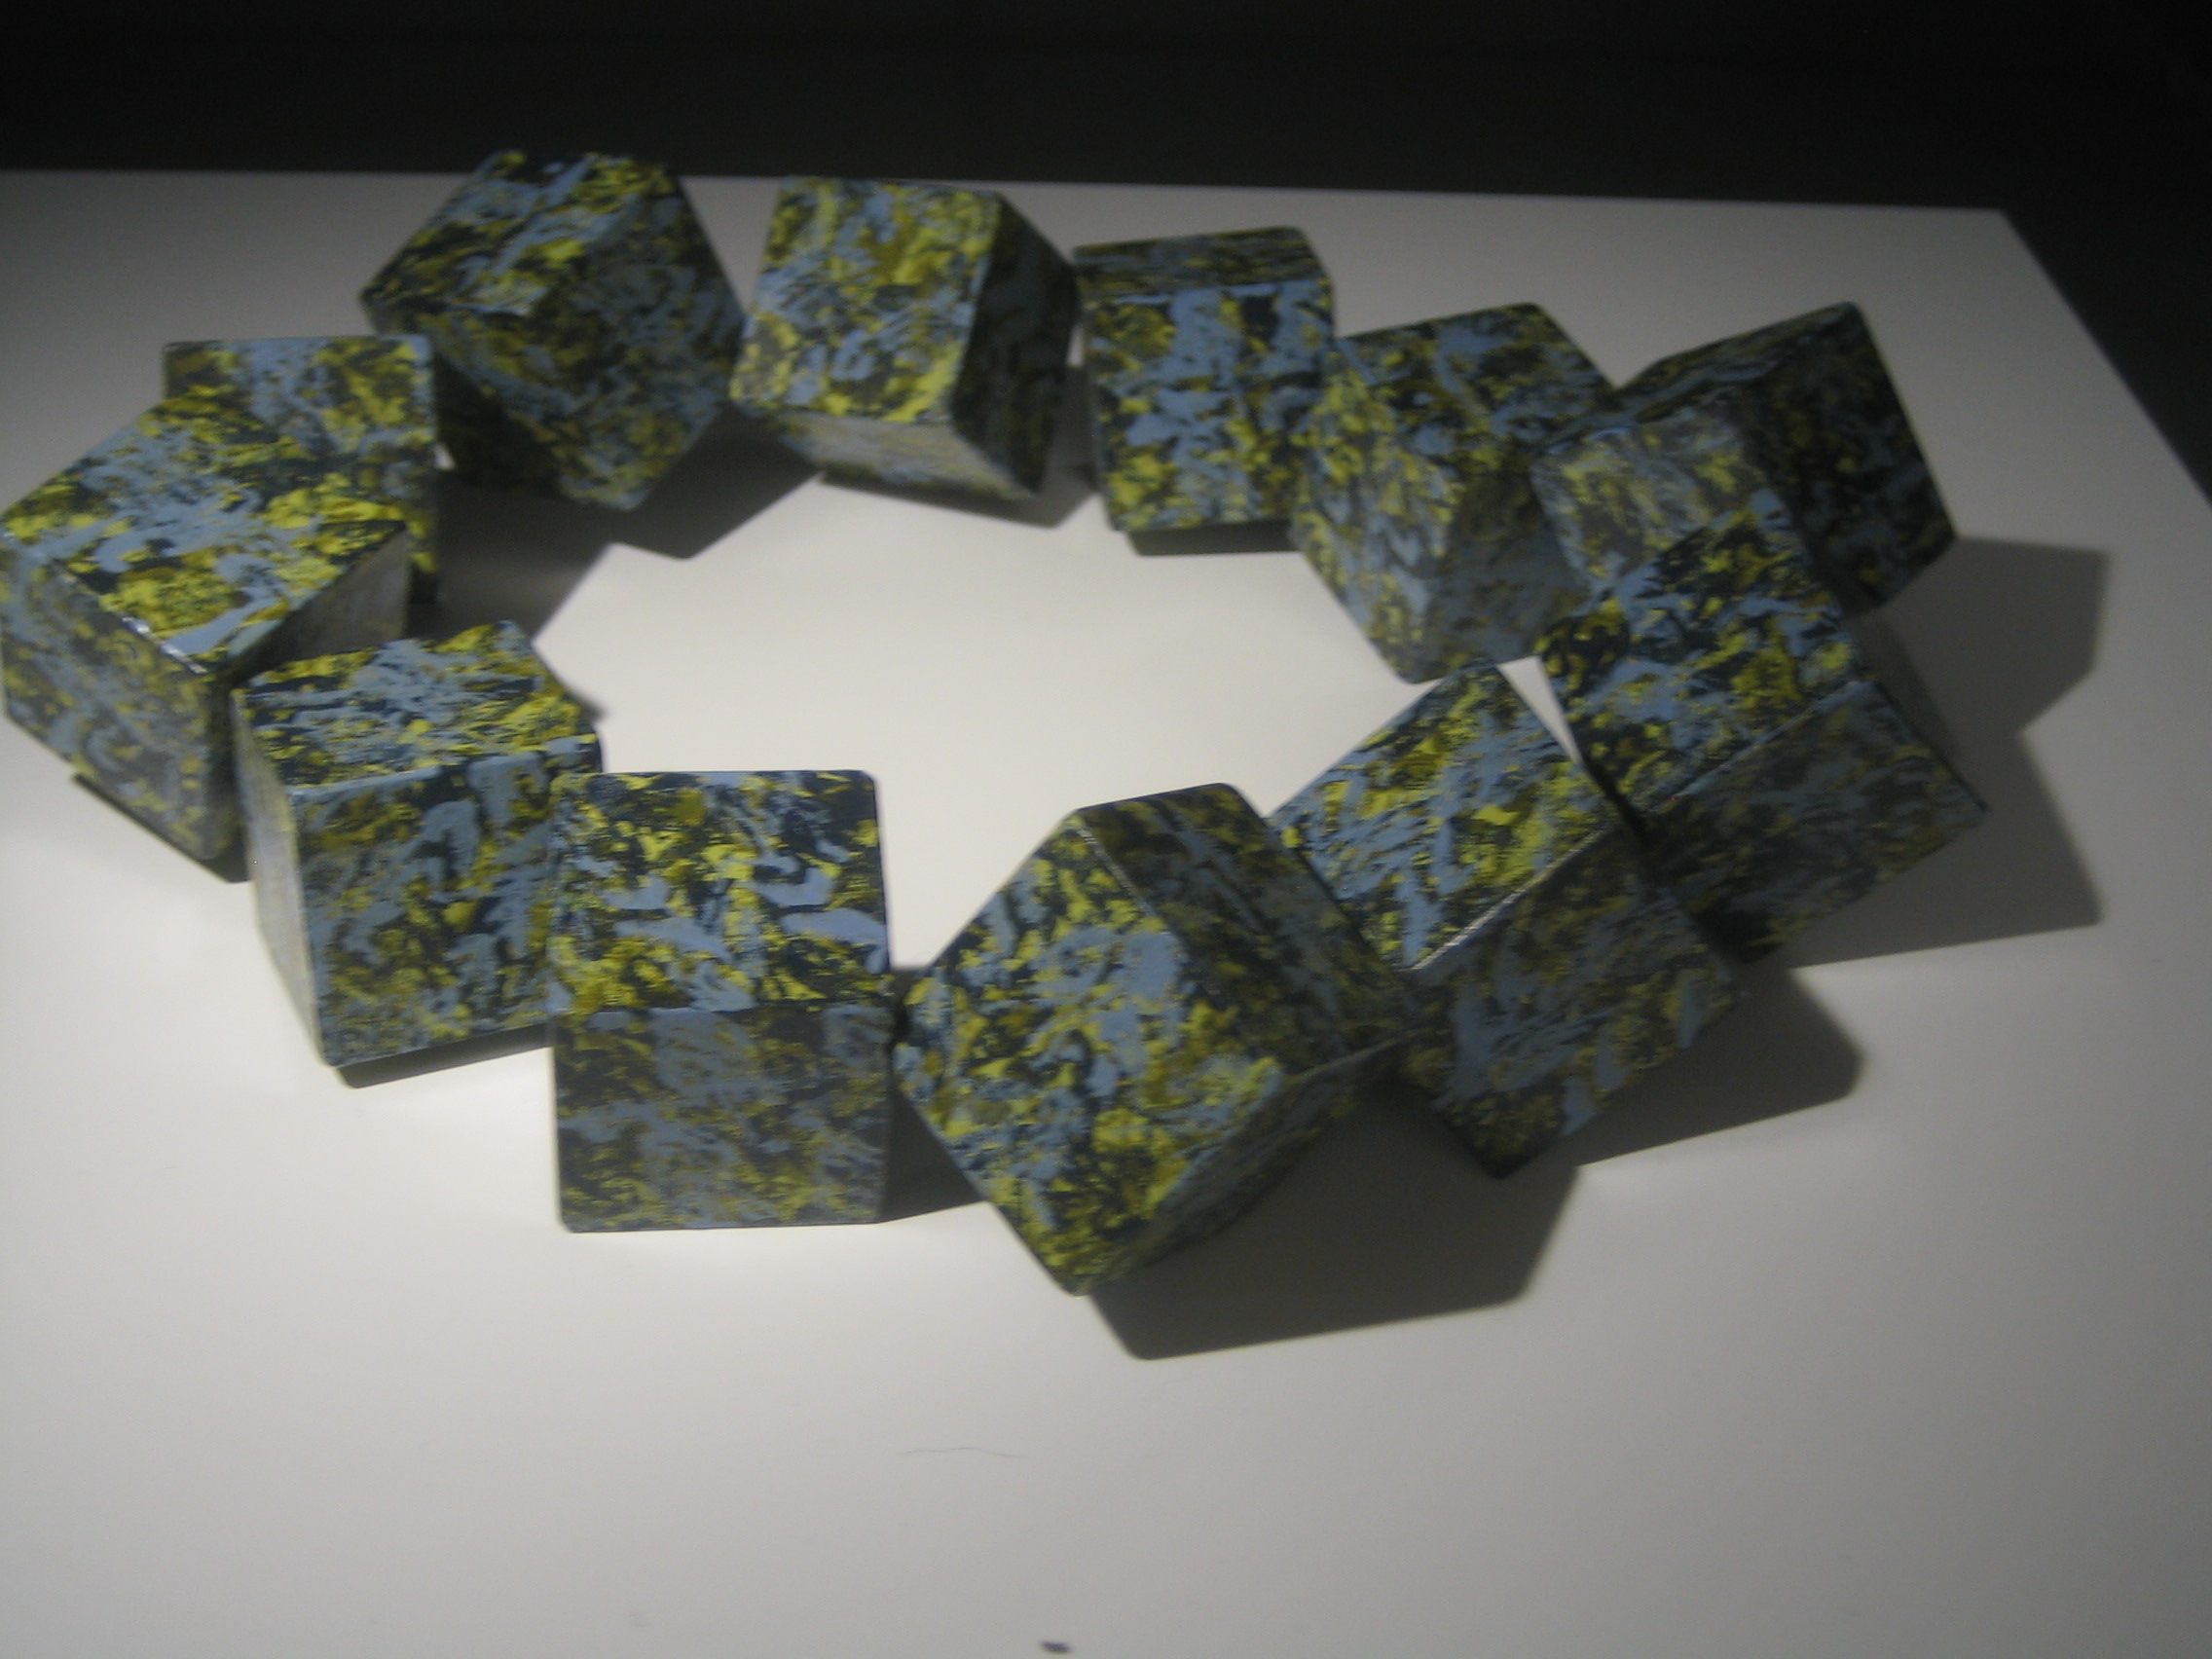 René Smoorenburg, halssieraad, hout en elastiek, 1986. Sieradenpresentatie lockers, Collectie Centraal Museum, 25723, perenhout, elastiek, verf